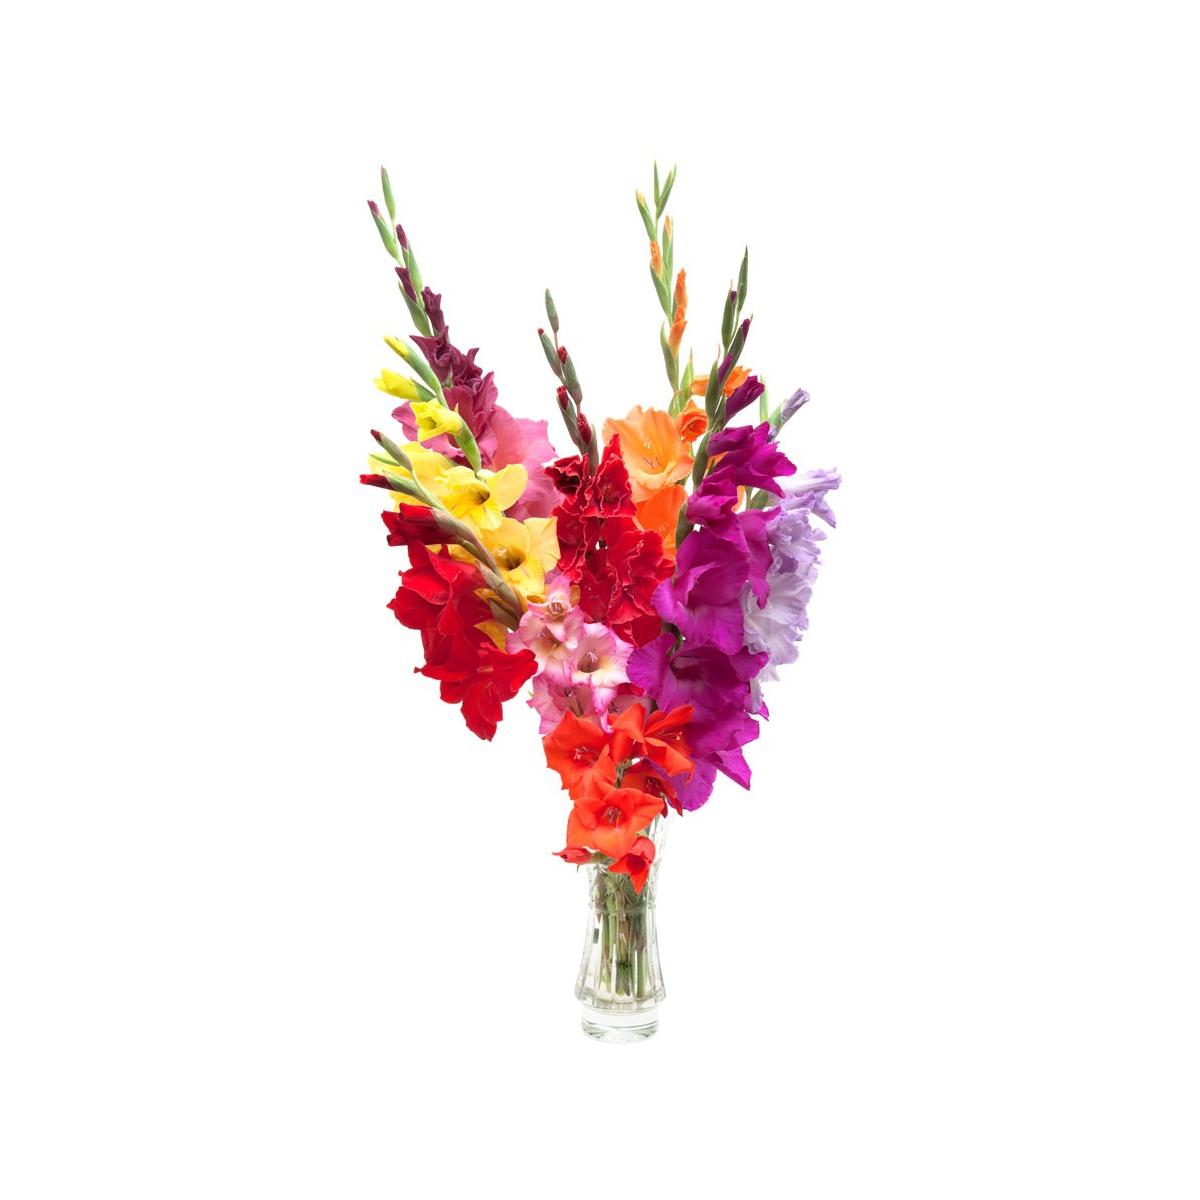 Красивые букеты из гладиолусов на 1 сентября, цветов через